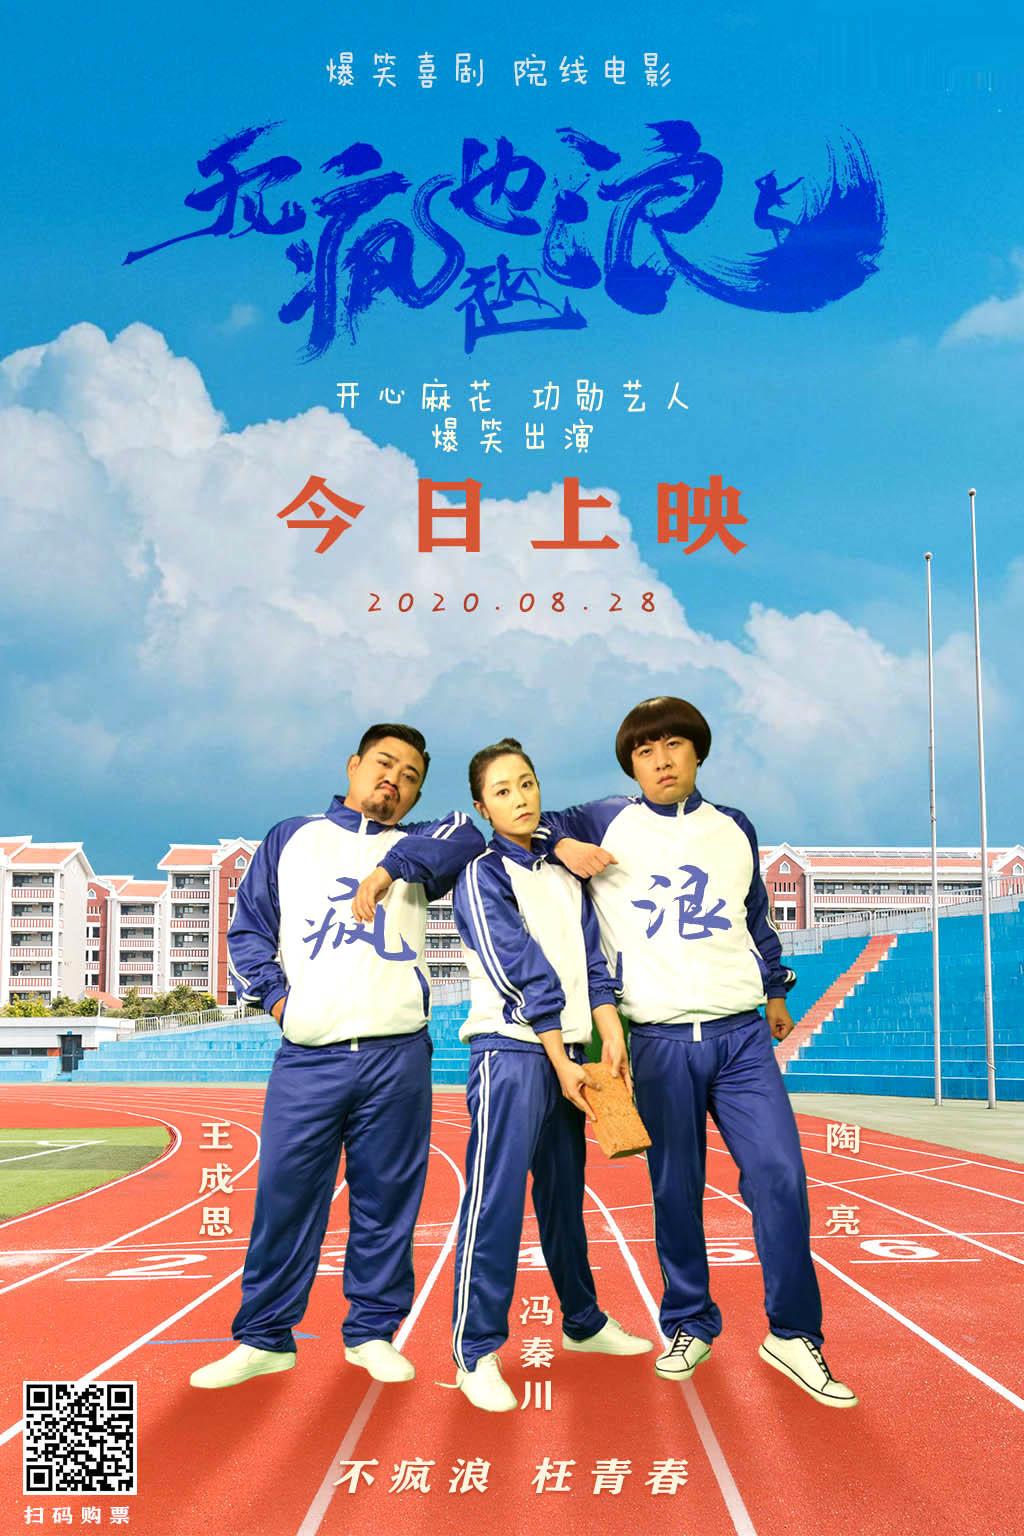 【电影】开心麻花主演喜剧电影《无疯也起浪》8月28日上映